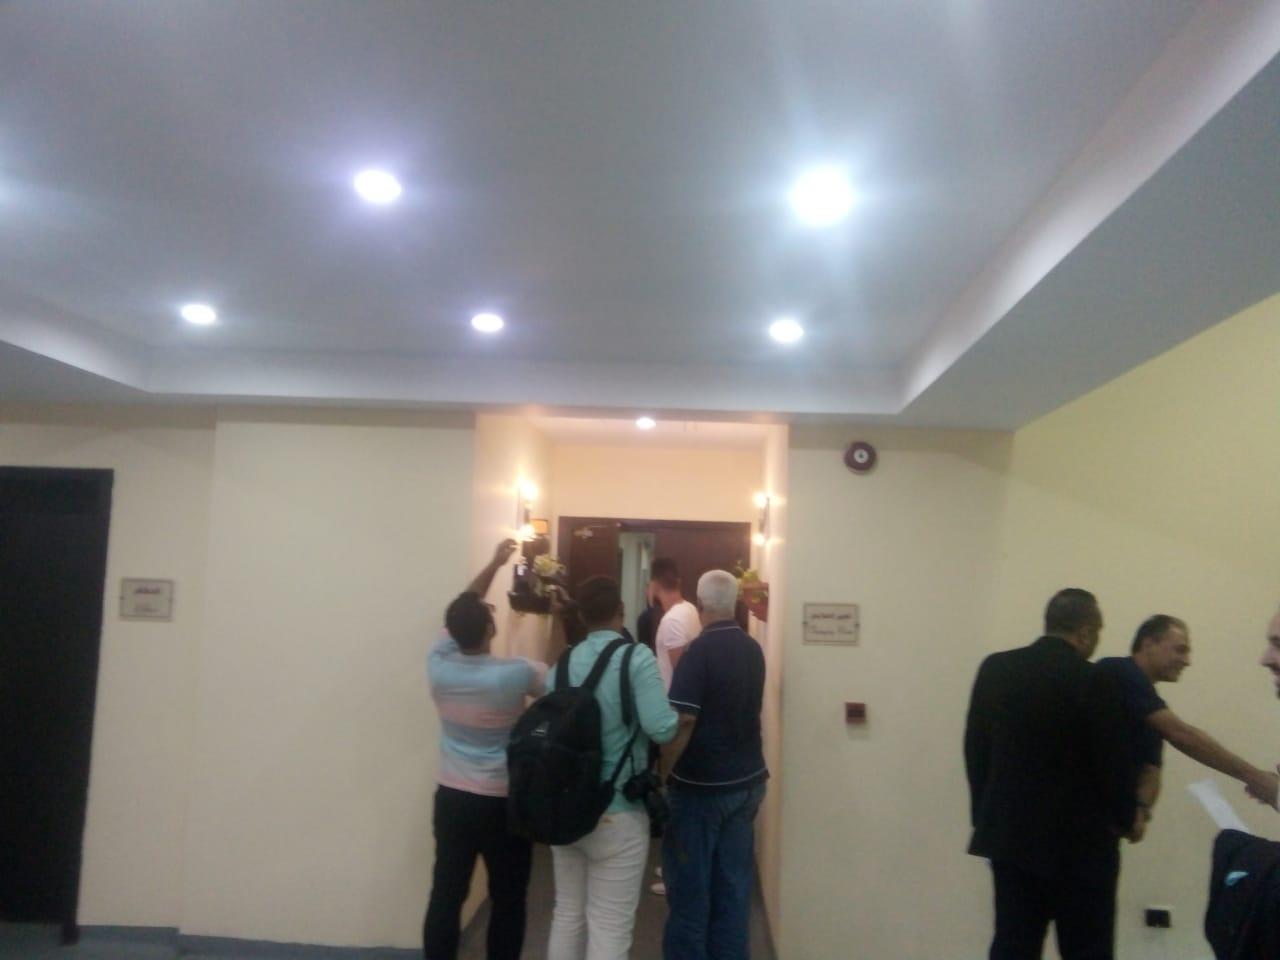 الشناوي يساند بيراميدز وأفشة يزور غرفة إنبي 56134-WhatsApp-Image-2018-08-03-at-8.12.09-PM